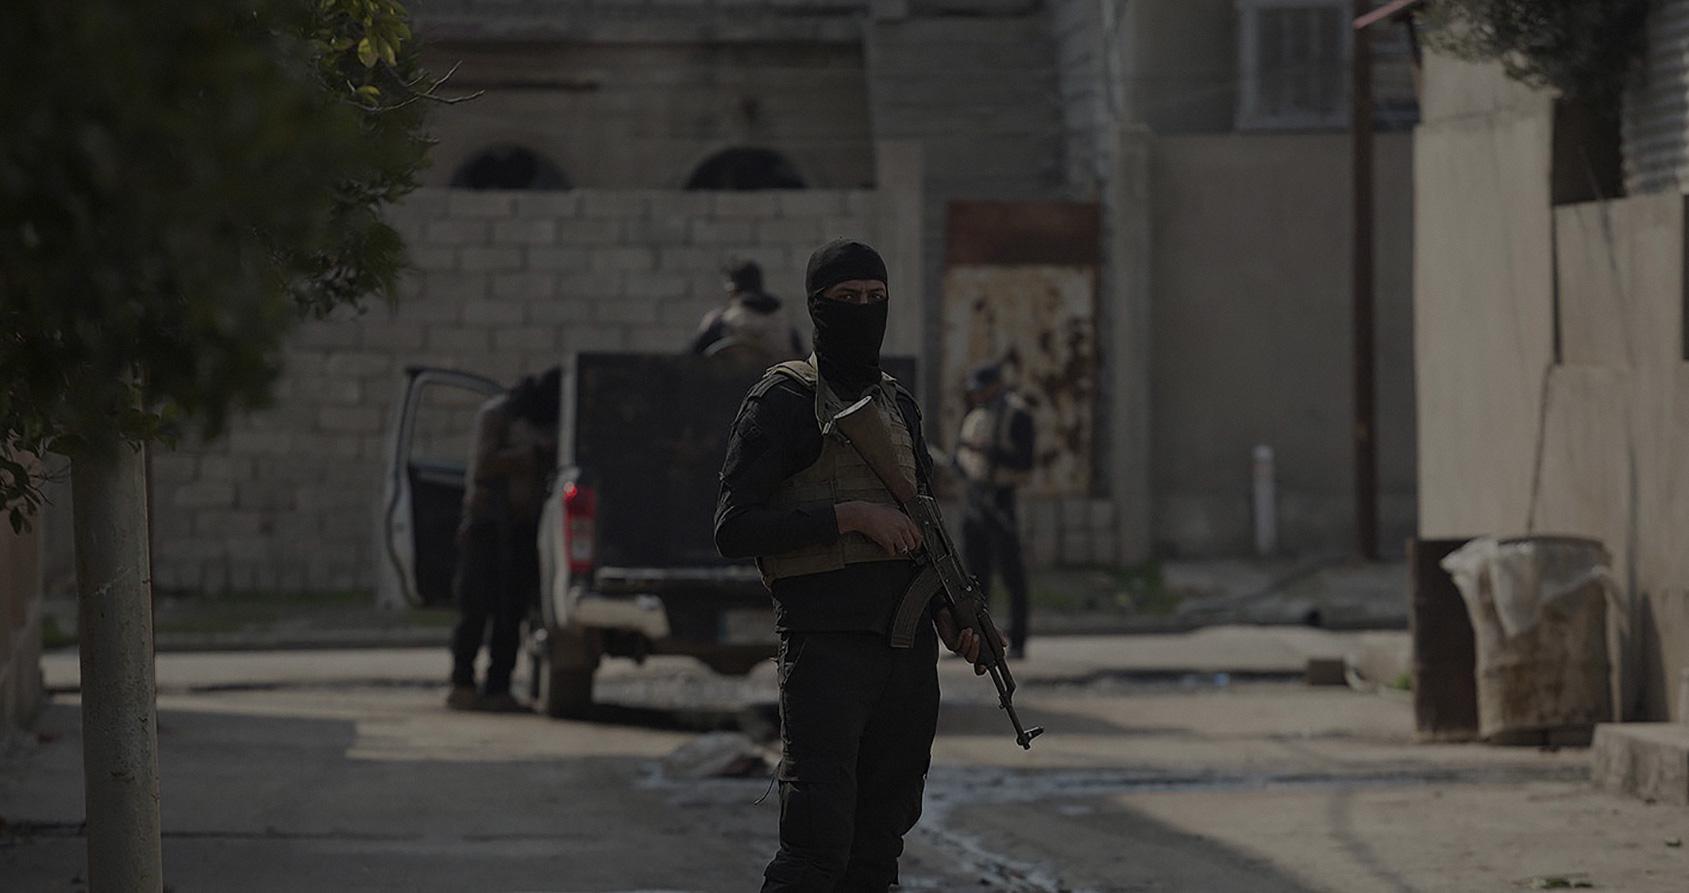 Dans Mossoul libéré, la traque aux partisans de Daech a commencé